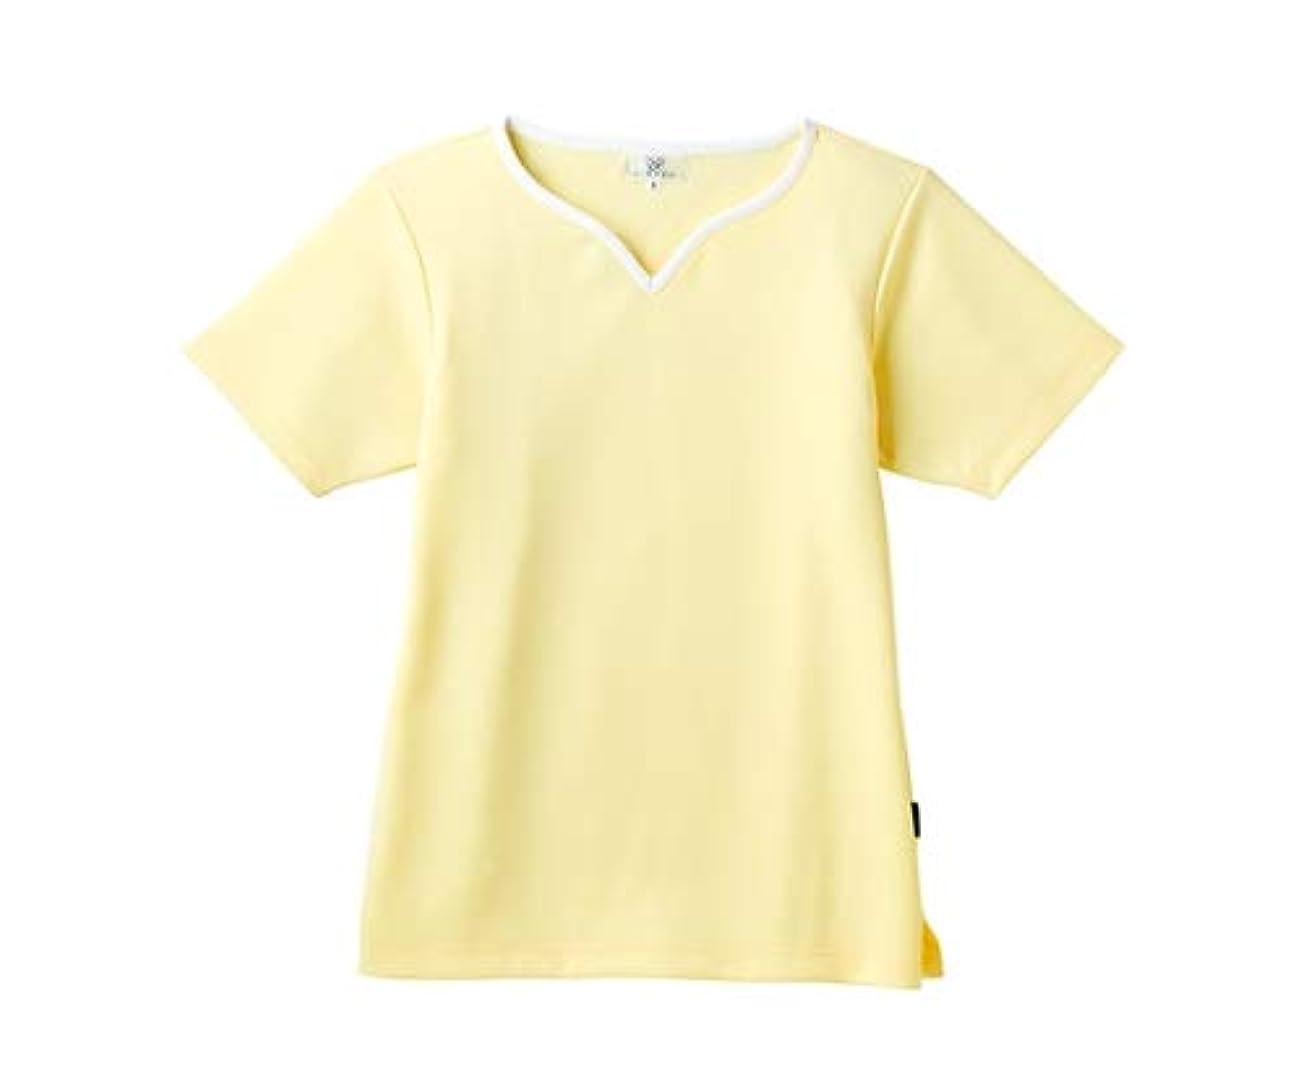 期間反抗神秘的なトンボ/KIRAKU レディス入浴介助用シャツ CR161 S クリーム